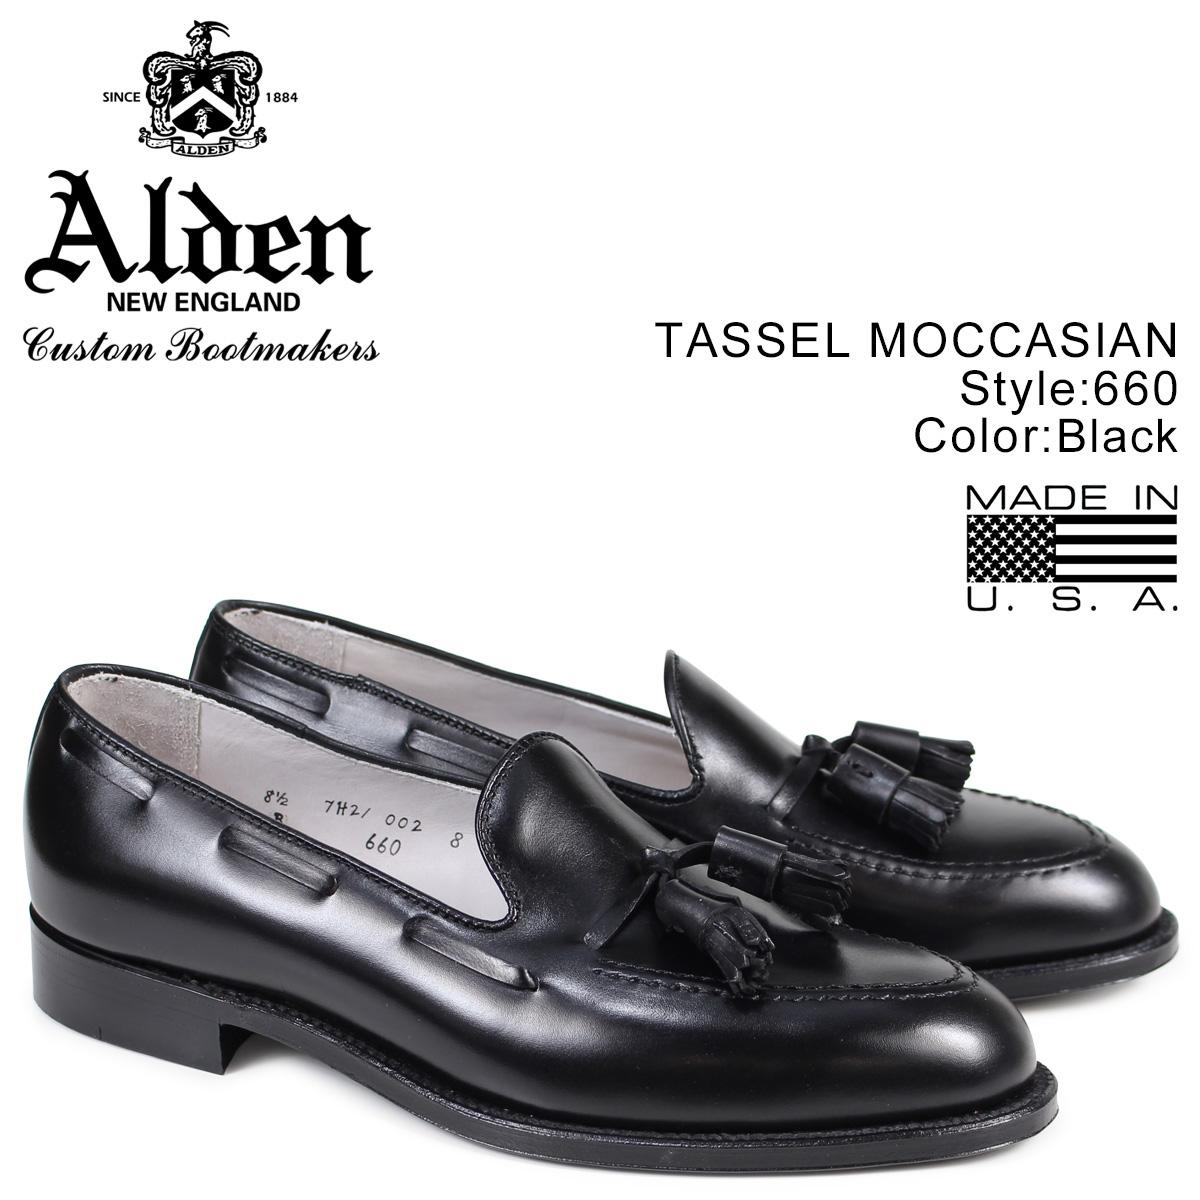 ALDEN オールデン ローファー タッセル シューズ メンズ TASSEL MOCCASIN ブラック Dワイズ 660